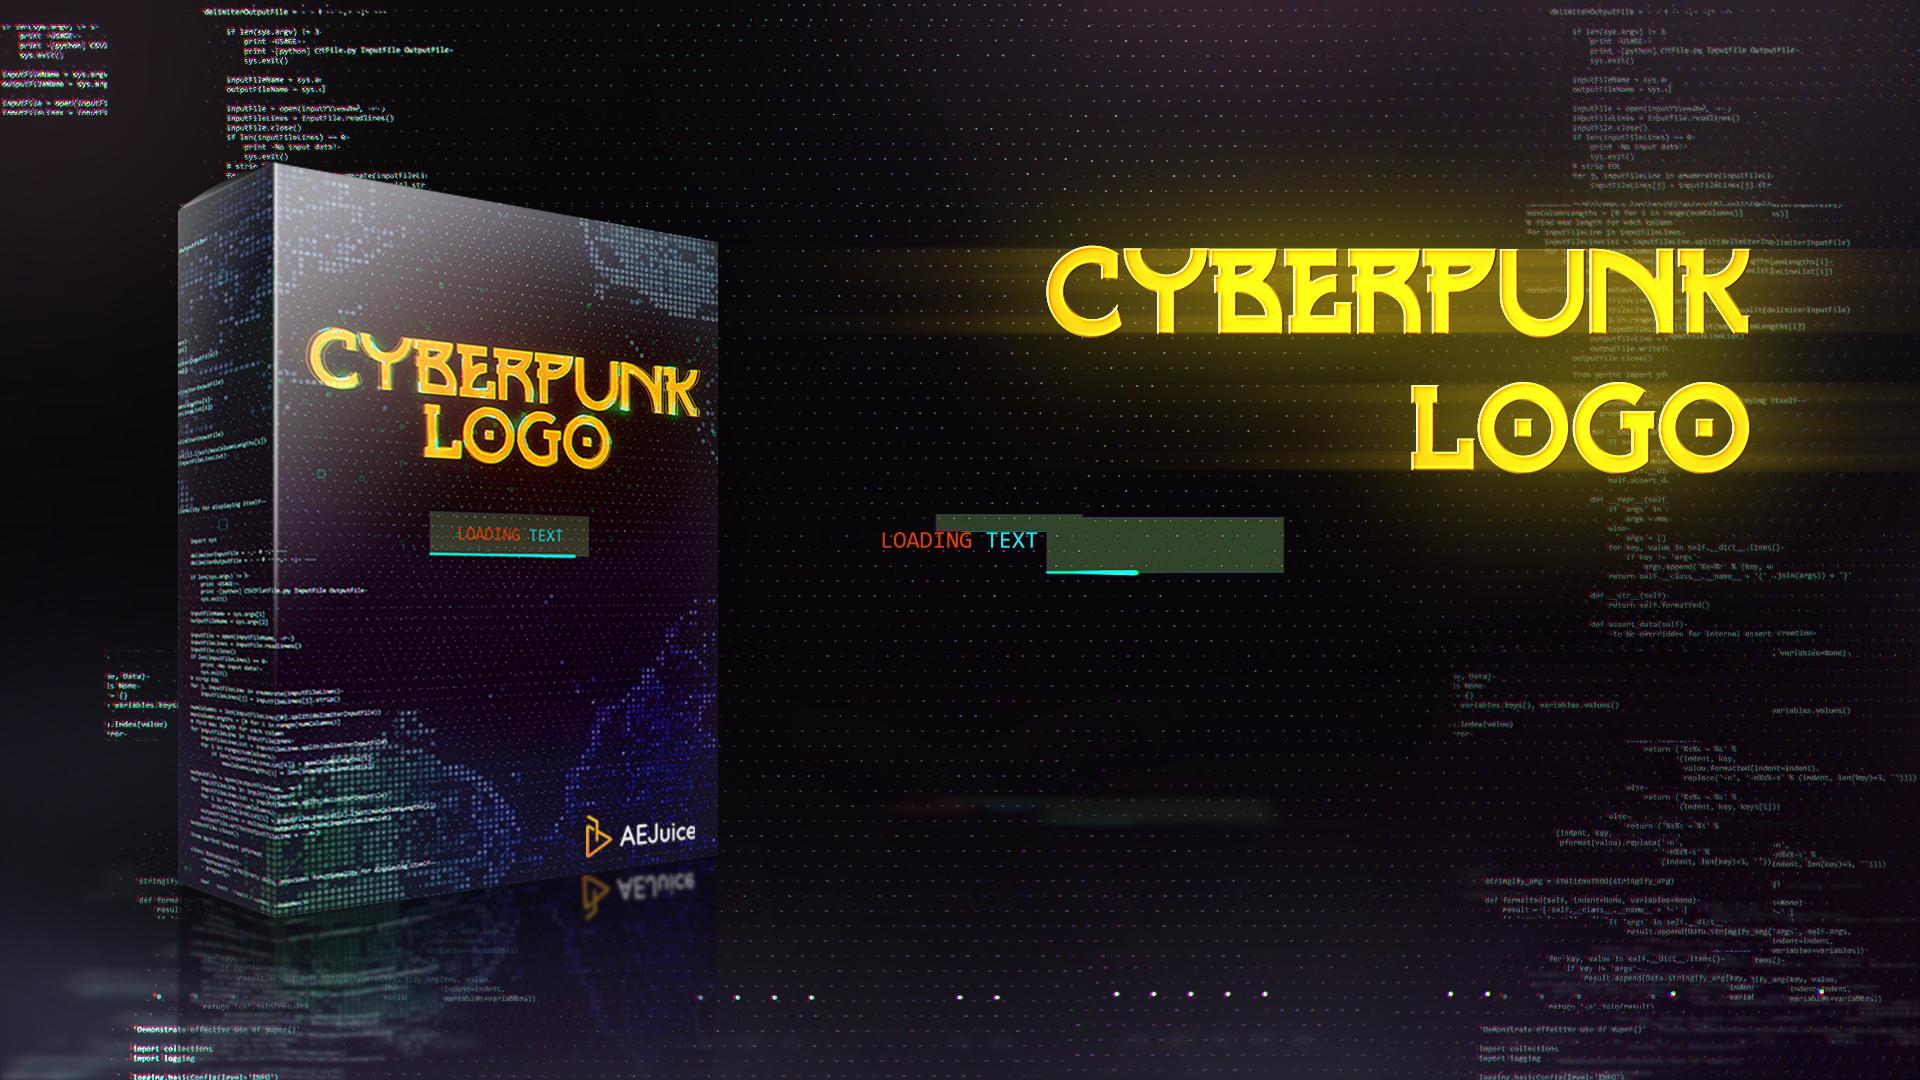 Cyberpunk Glitch Logo Animation